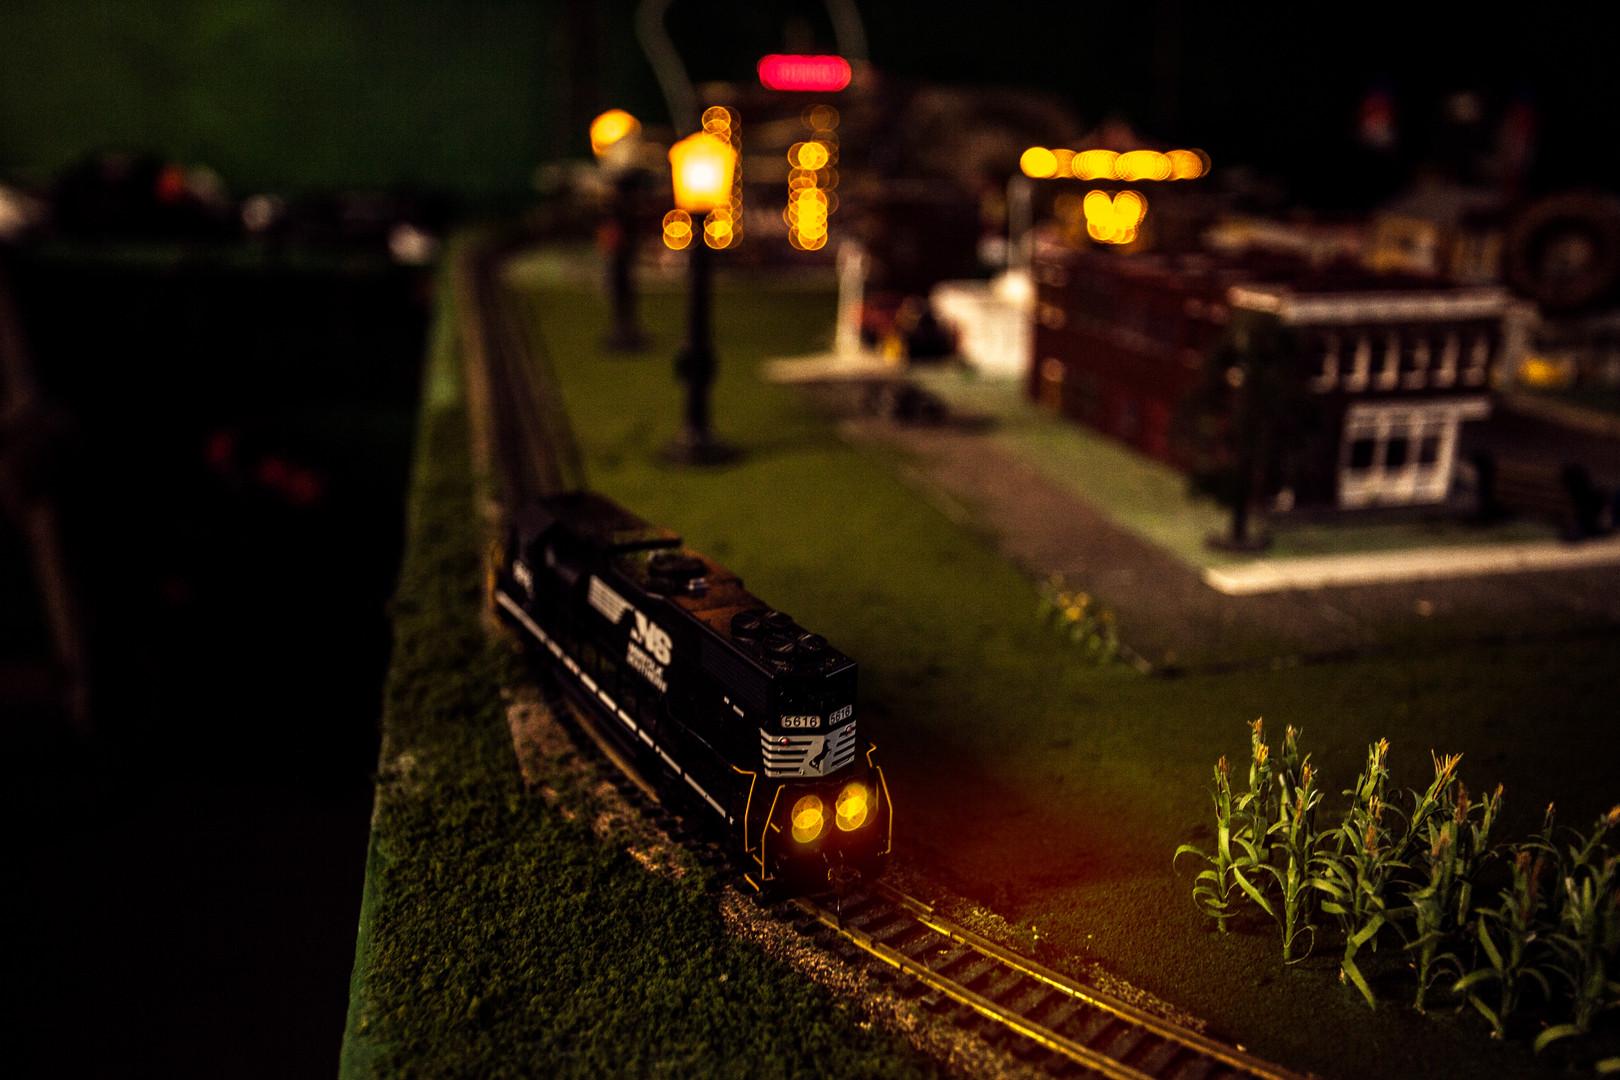 Brooke's Trains